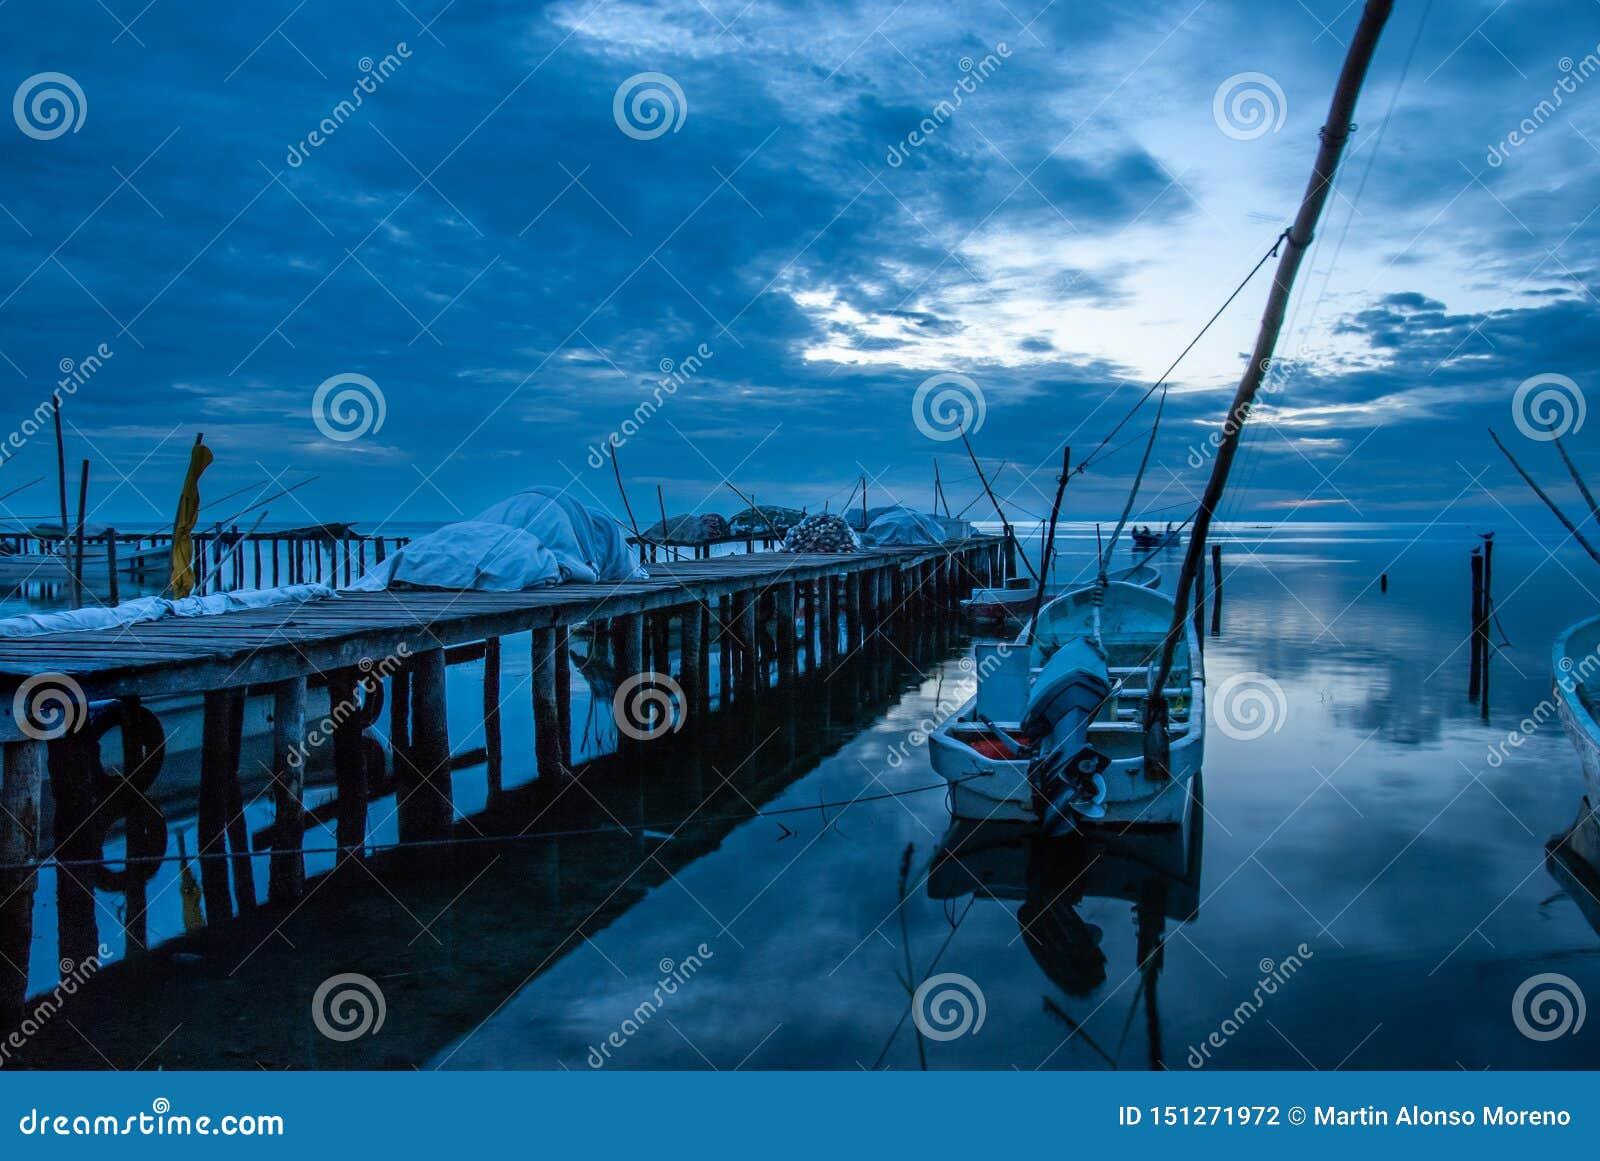 Boote im Dock und der blaue Sonnenuntergang in Campeche Mexiko